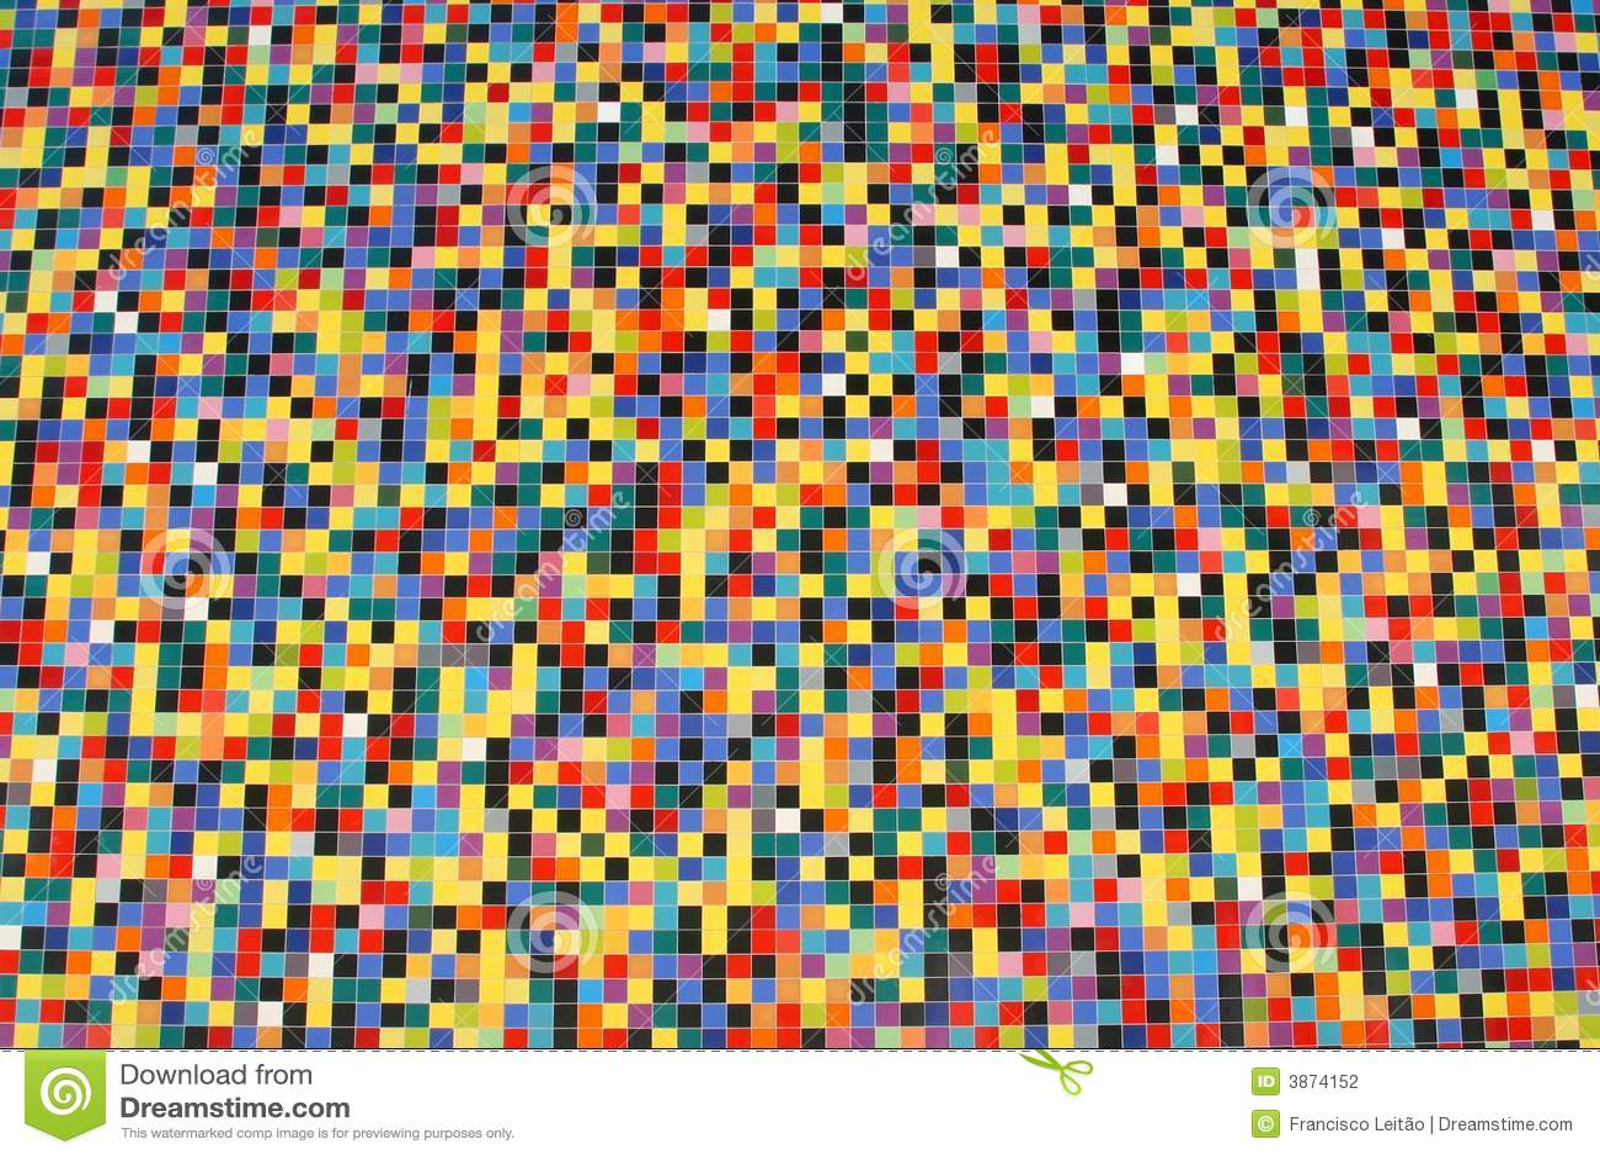 Breite Perspektive Der Bunten Mosaikfliesen Stockfoto Bild Von - Mosaik fliesen fußboden